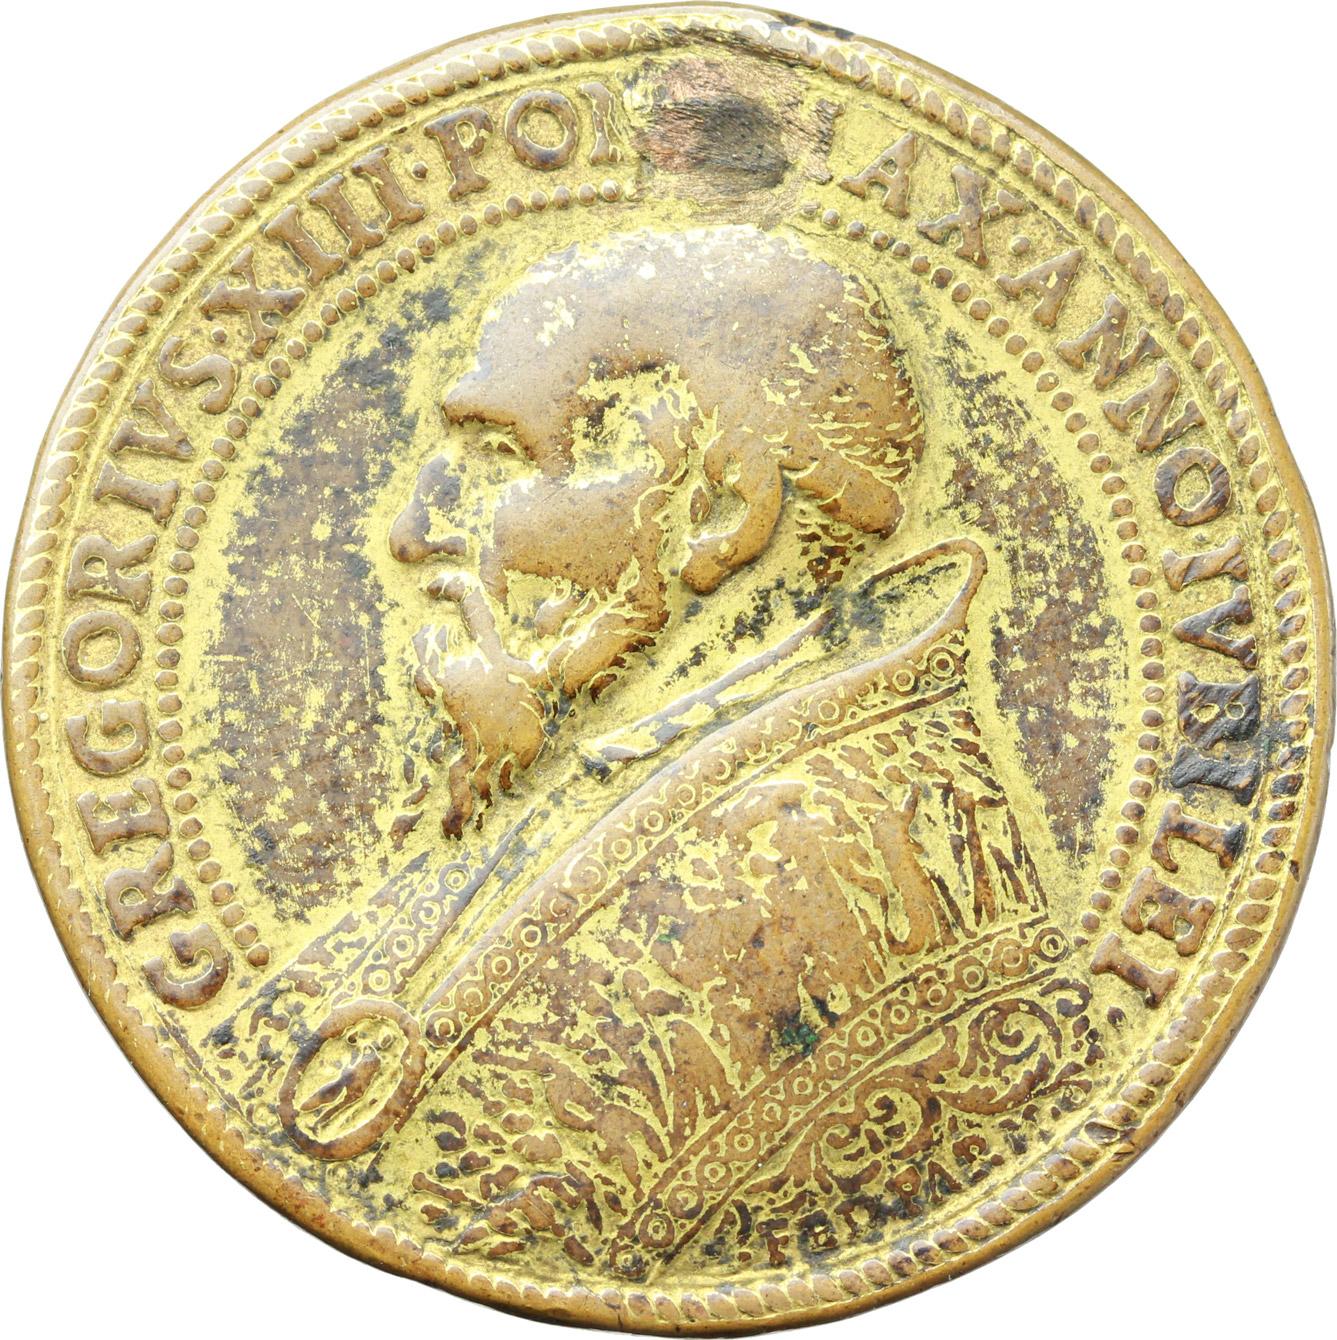 D/ Gregorio XIII (1572-1585), Ugo Boncompagni. Medaglia per l'Apertura della Porta Santa, 1575.    Mod. 710. Patr. p. 56. Armand I/227/39. AE dorato.   mm. 36.50 Inc. G. Bonzagni. R. Foro otturato. MB.